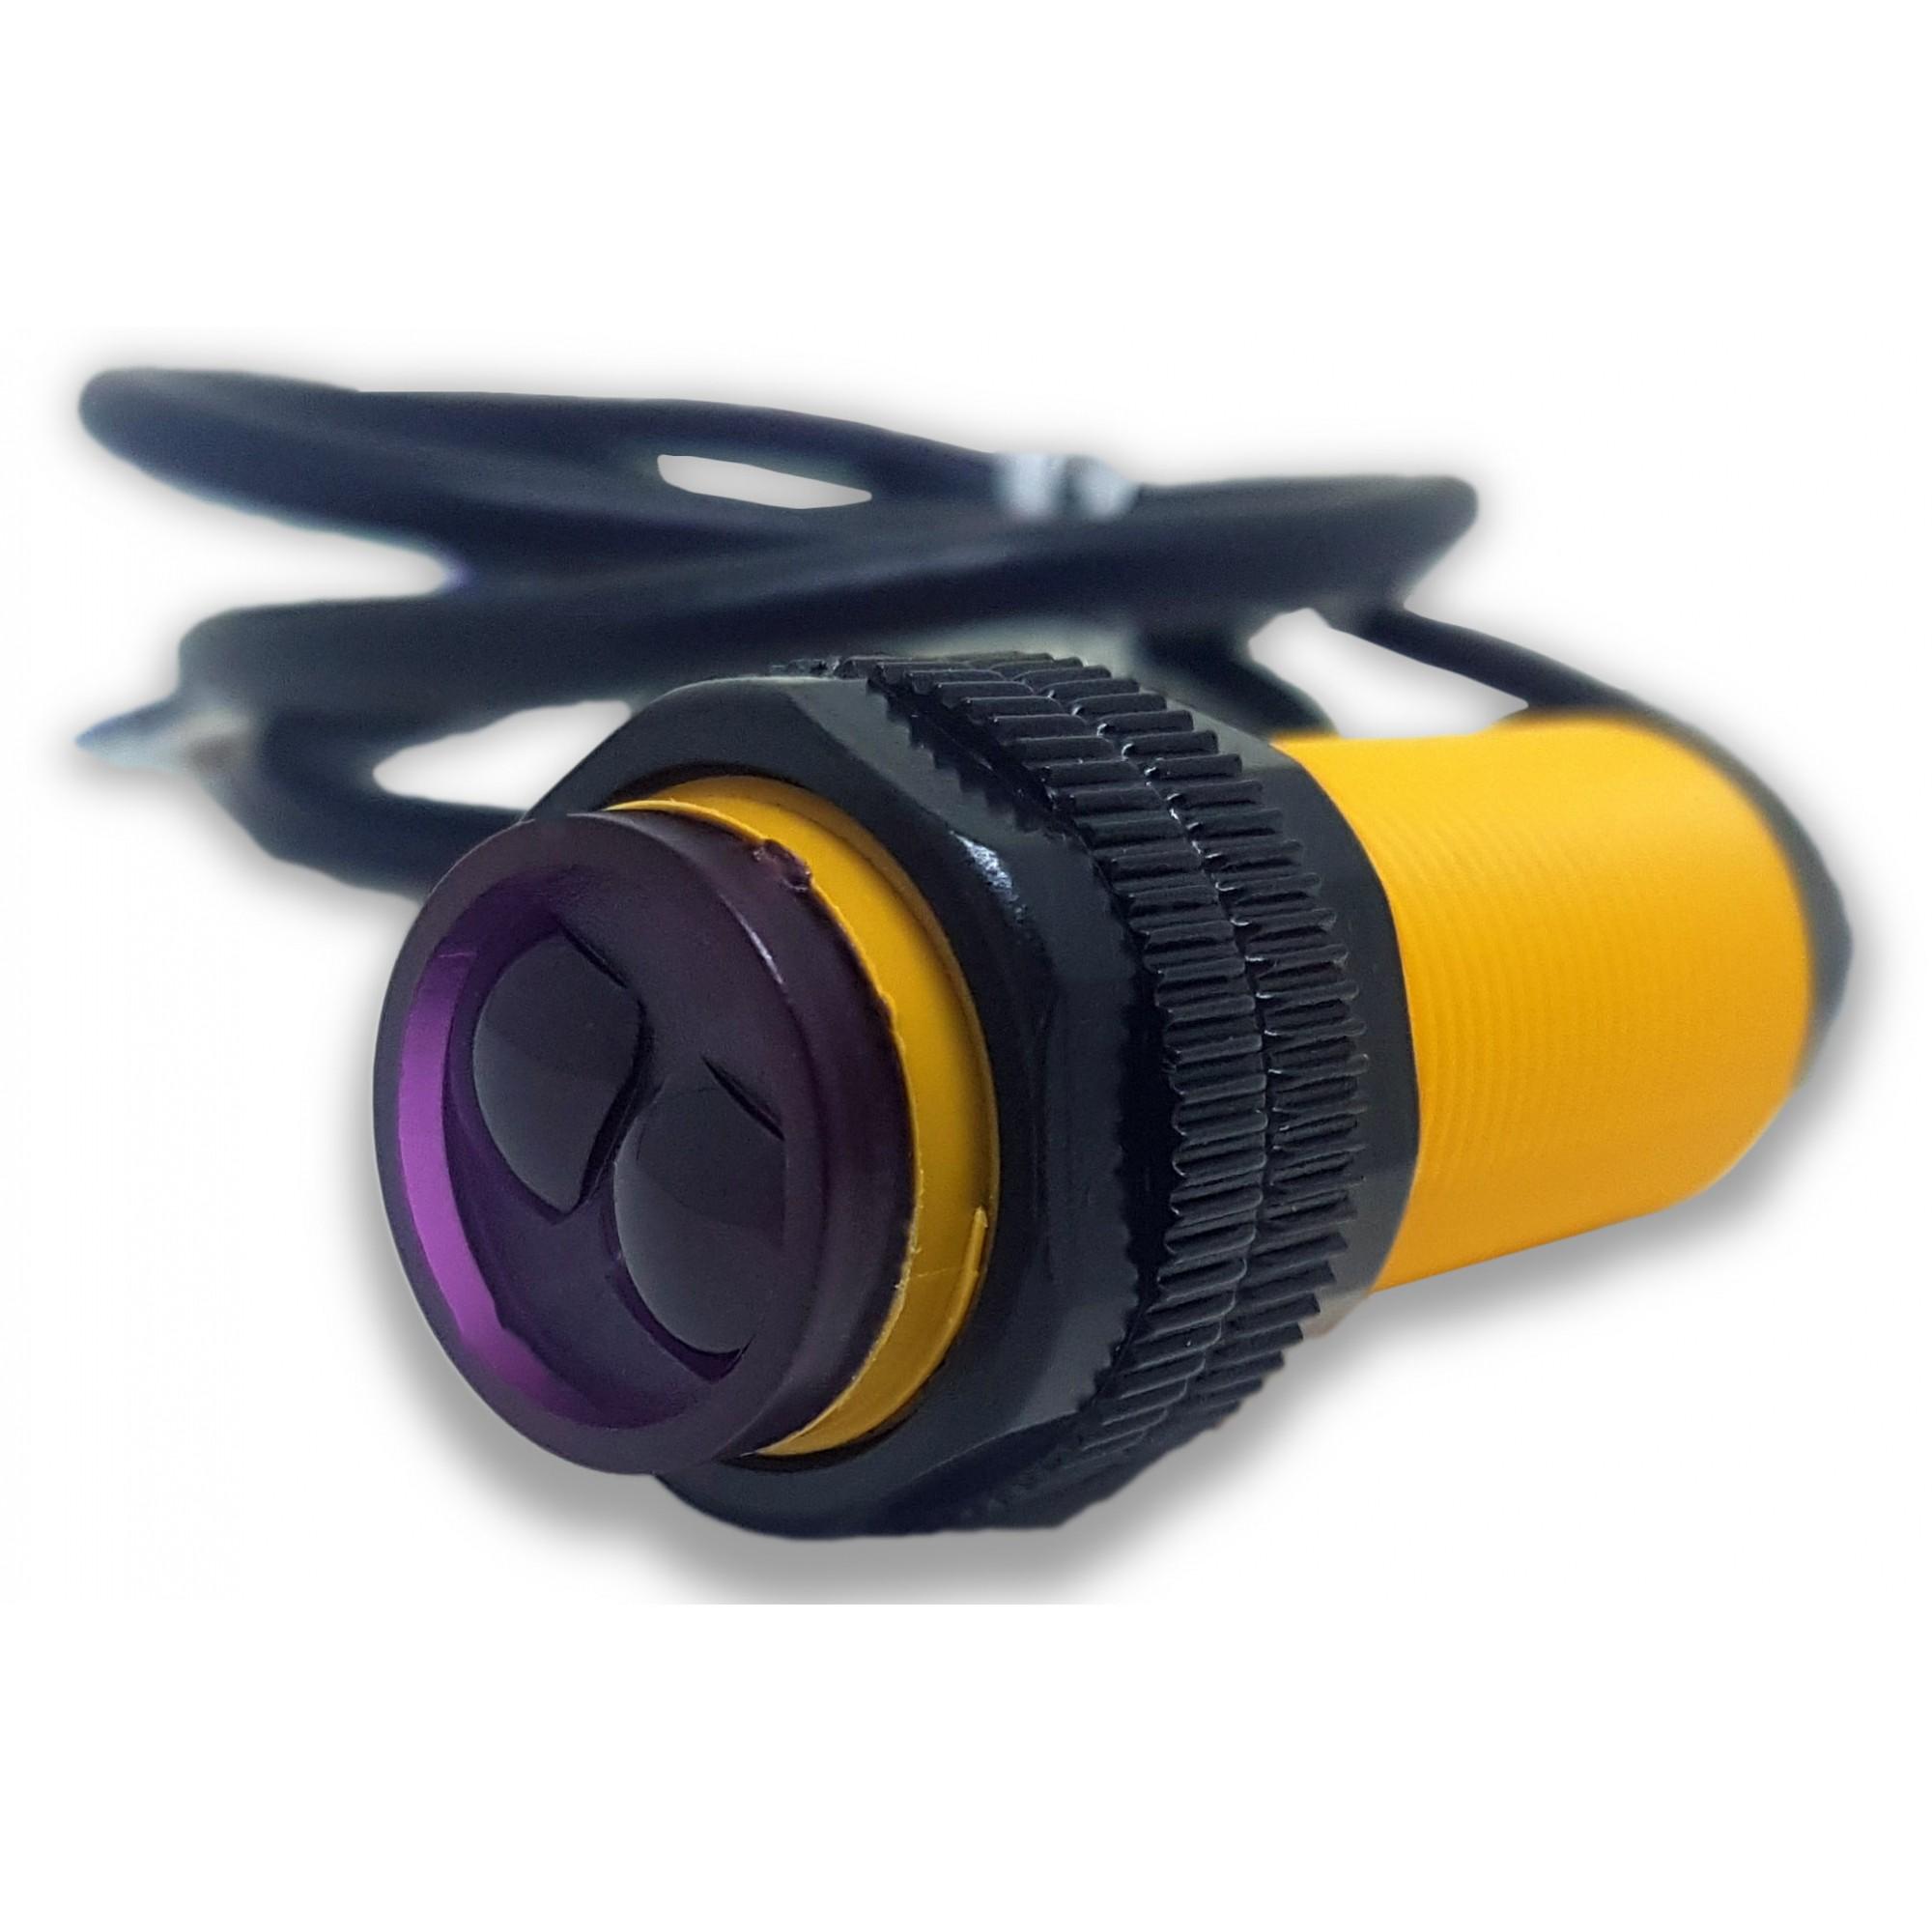 Sensor Reflexivo Infravelho E18 Distância Ajustável